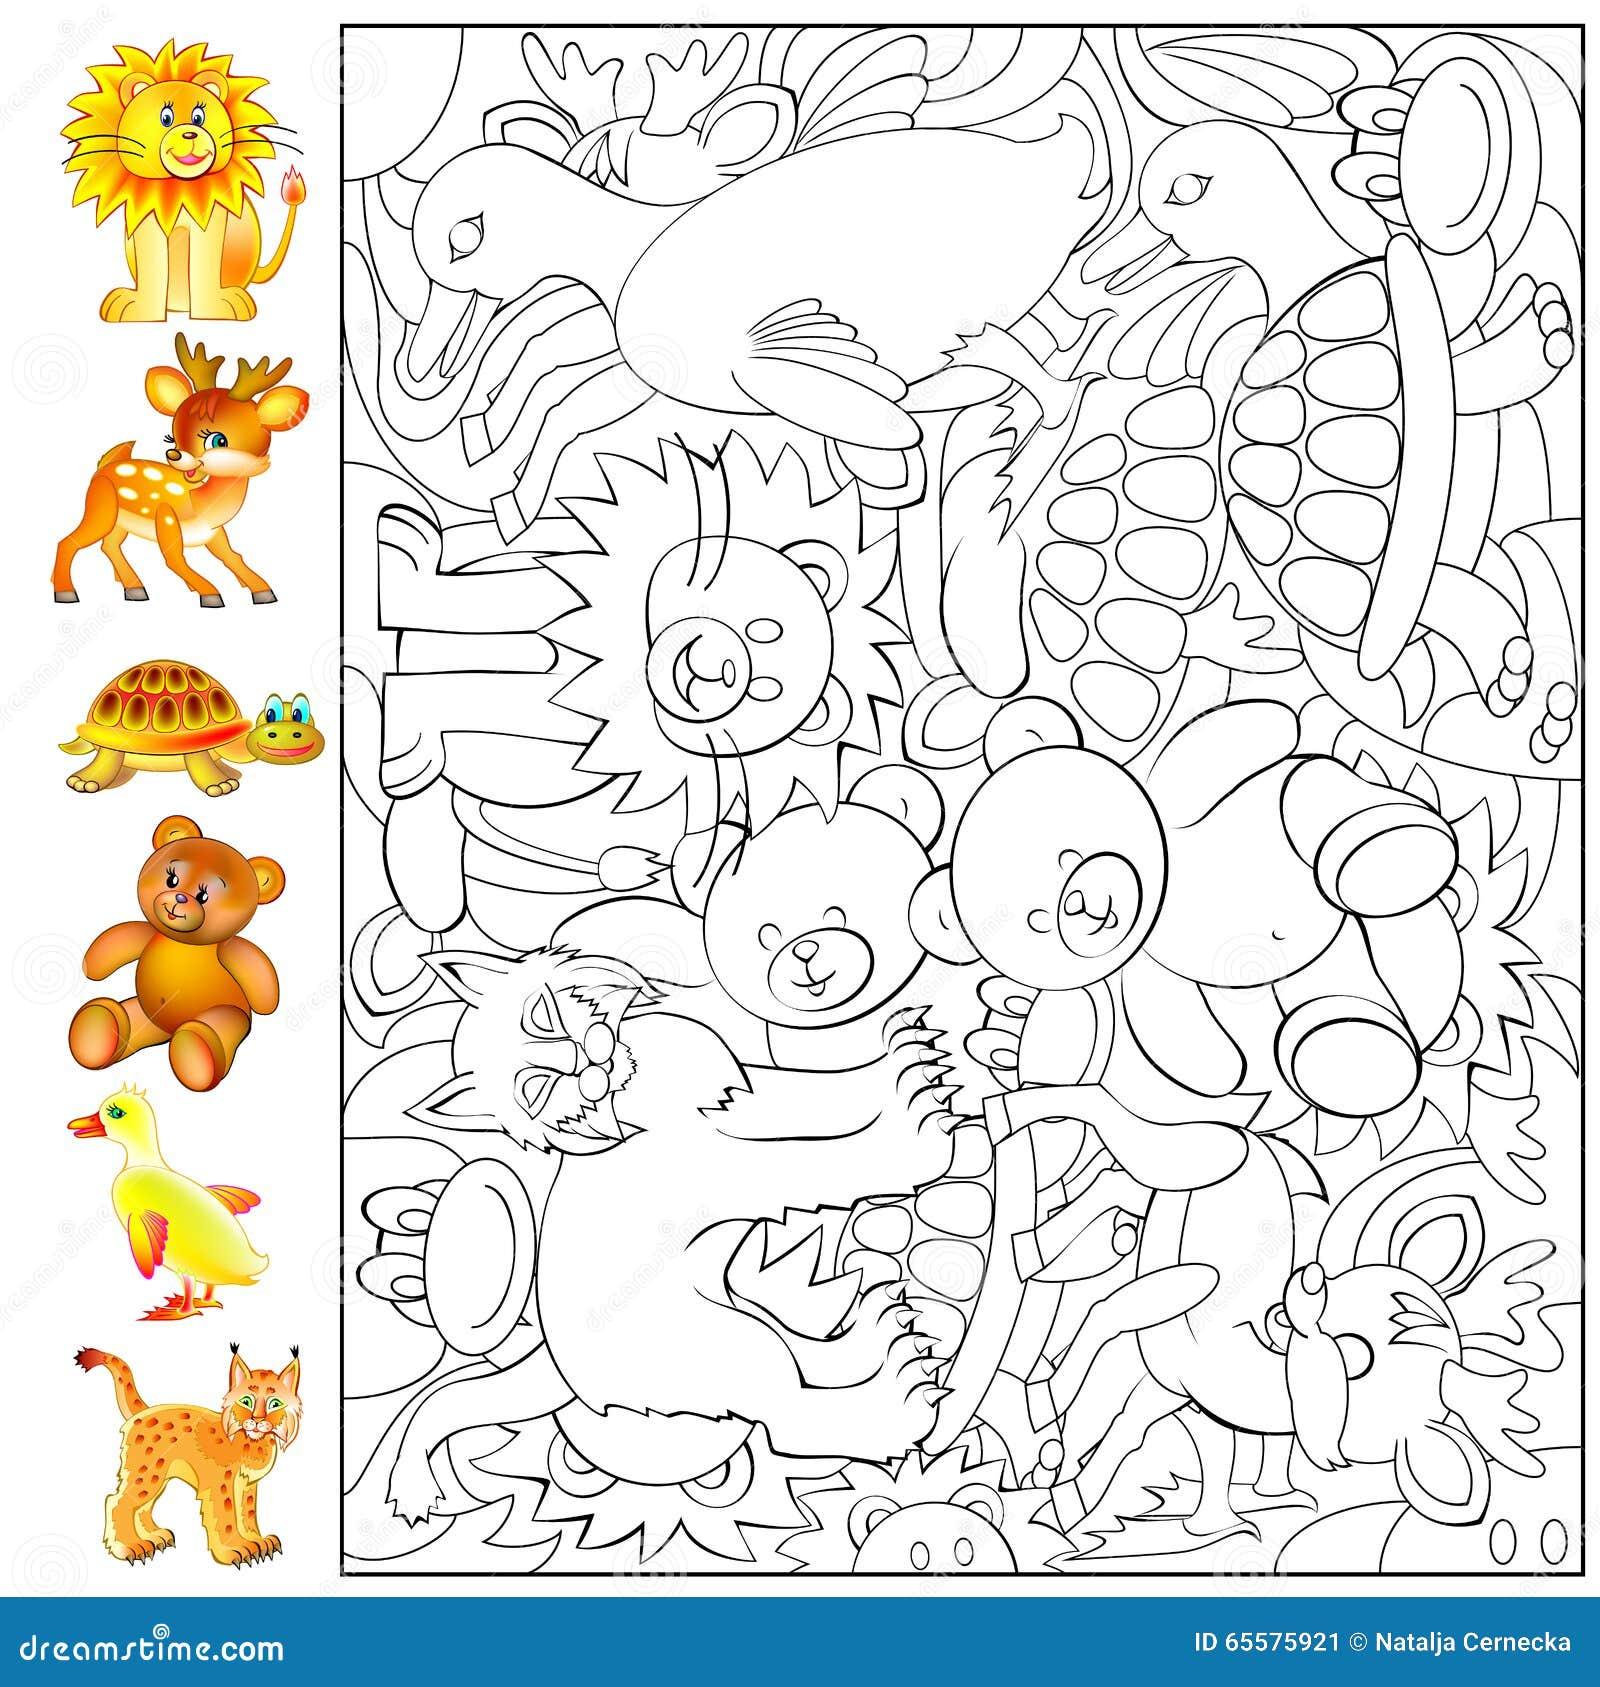 Exercícios para jovens crianças - necessidades de encontrar e pintar os animais